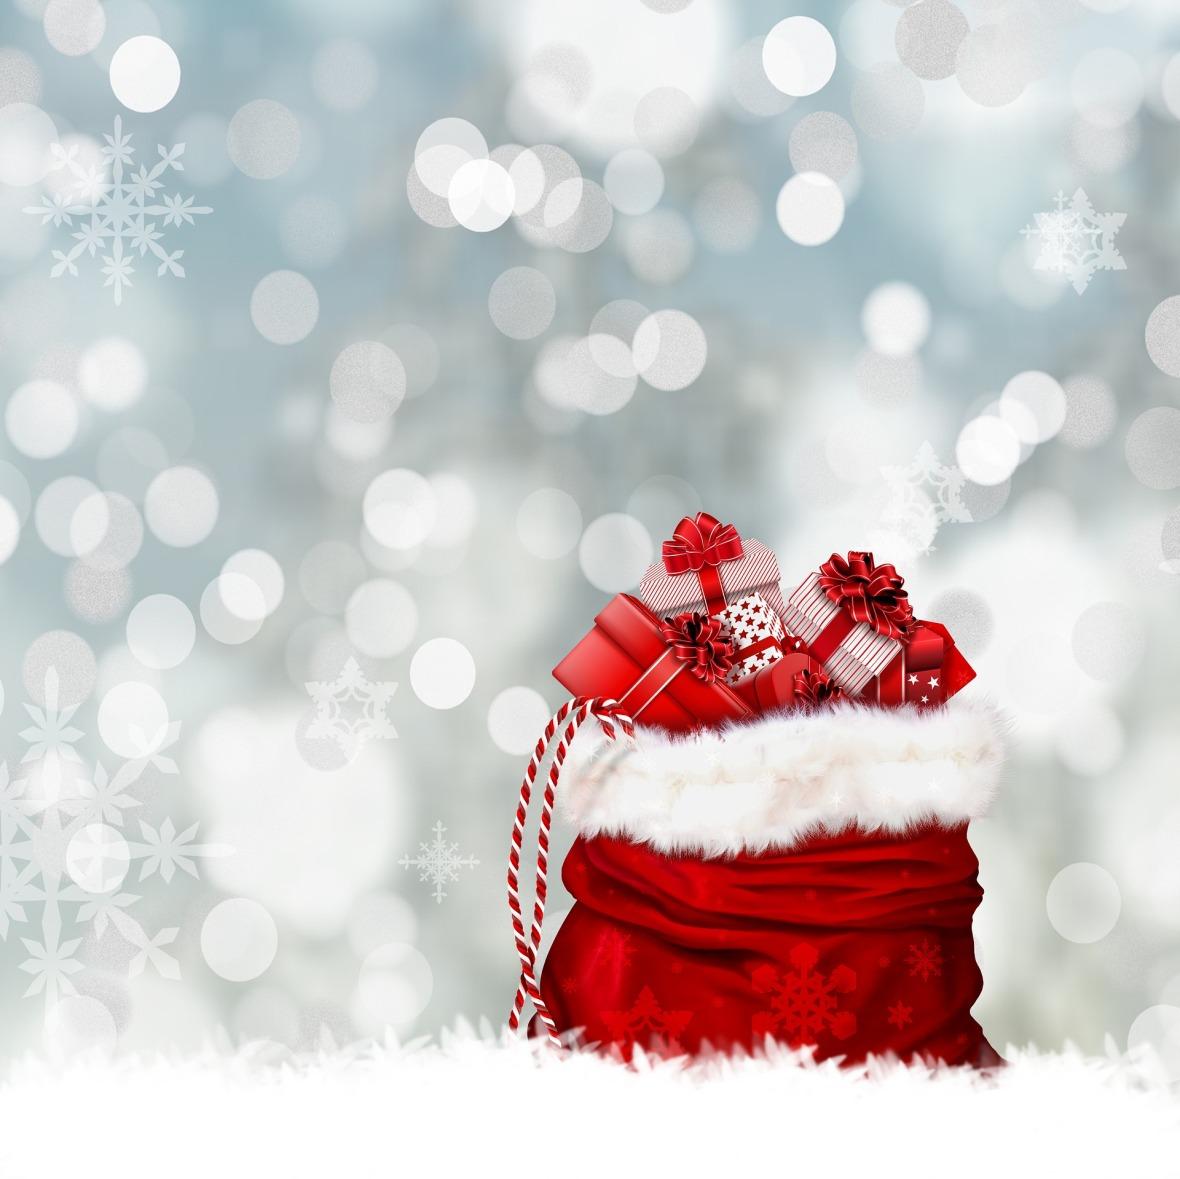 christmas-2947257_1920 (1)